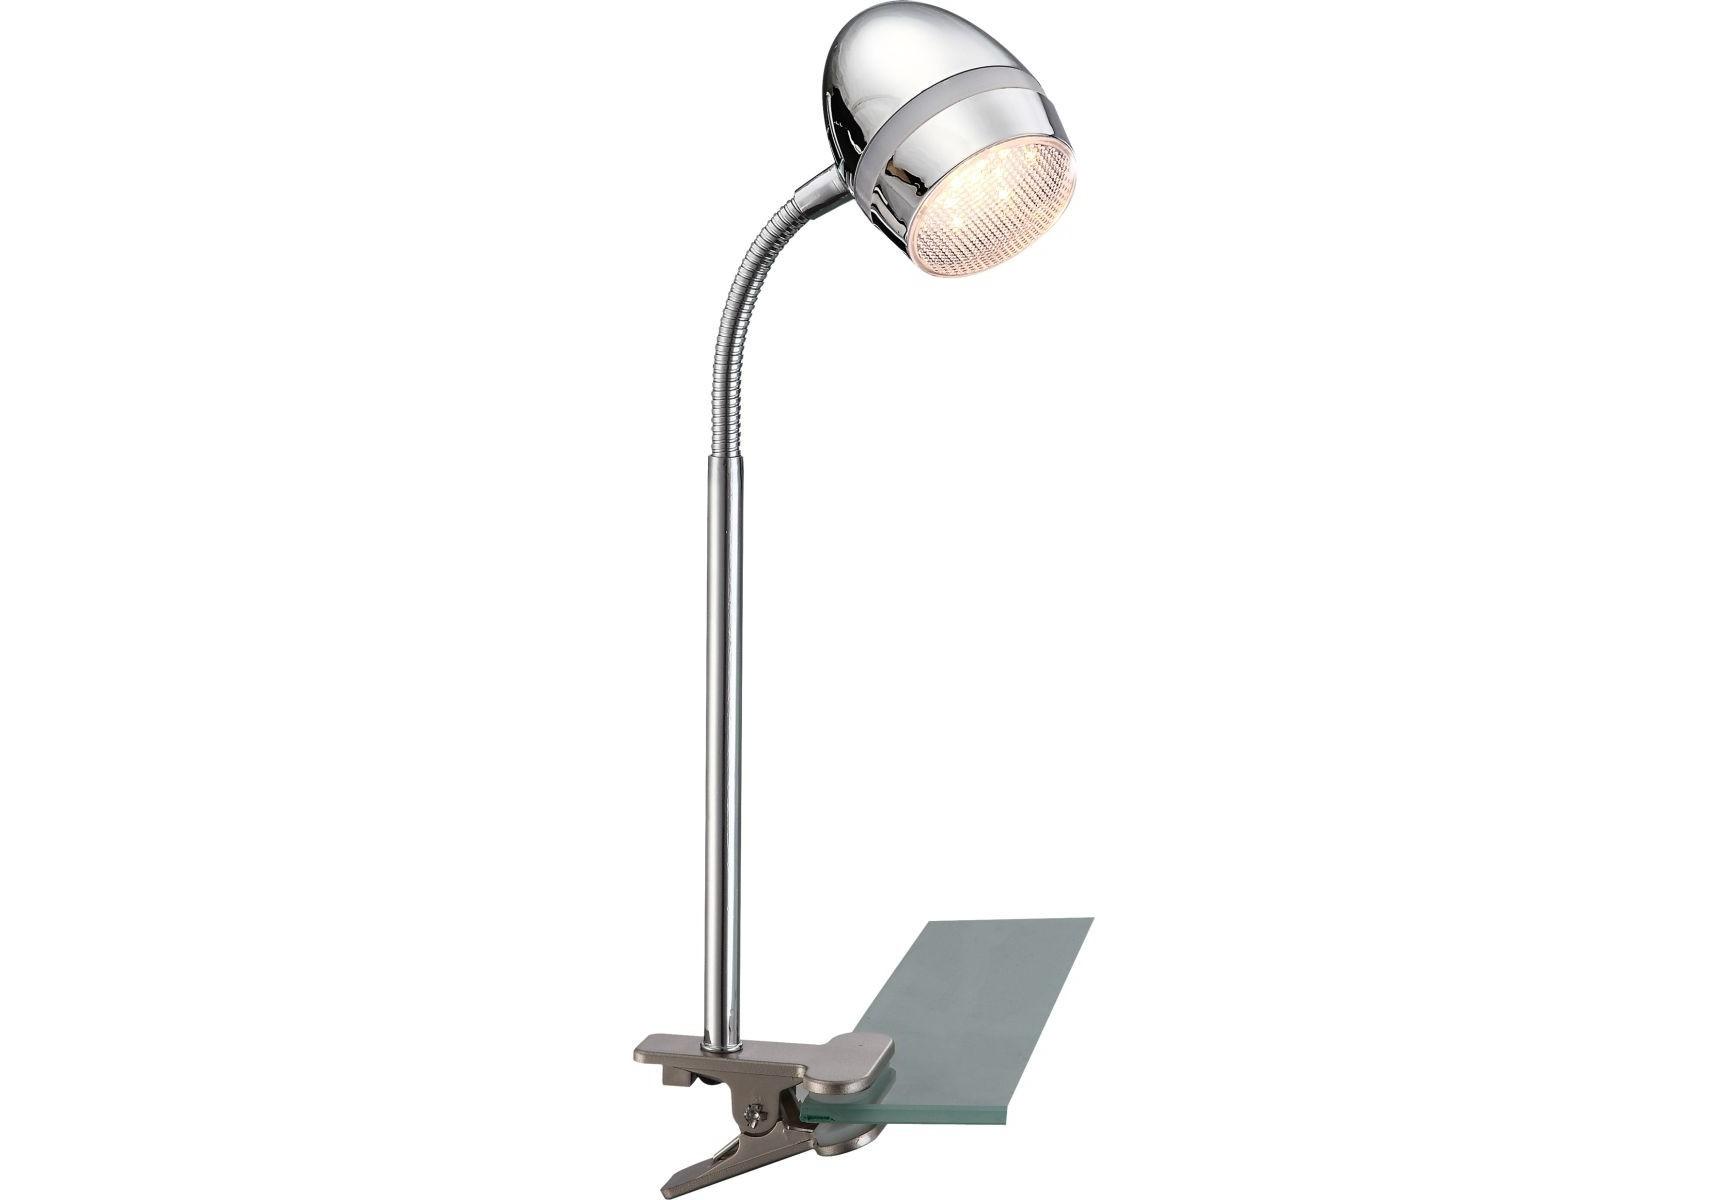 Настольная лампаНастольные лампы<br>&amp;lt;div&amp;gt;Цоколь: LED&amp;lt;/div&amp;gt;&amp;lt;div&amp;gt;Мощность: 3W&amp;lt;/div&amp;gt;&amp;lt;div&amp;gt;Количество ламп: 1&amp;lt;/div&amp;gt;<br><br>Material: Металл<br>Height см: 40<br>Diameter см: 20